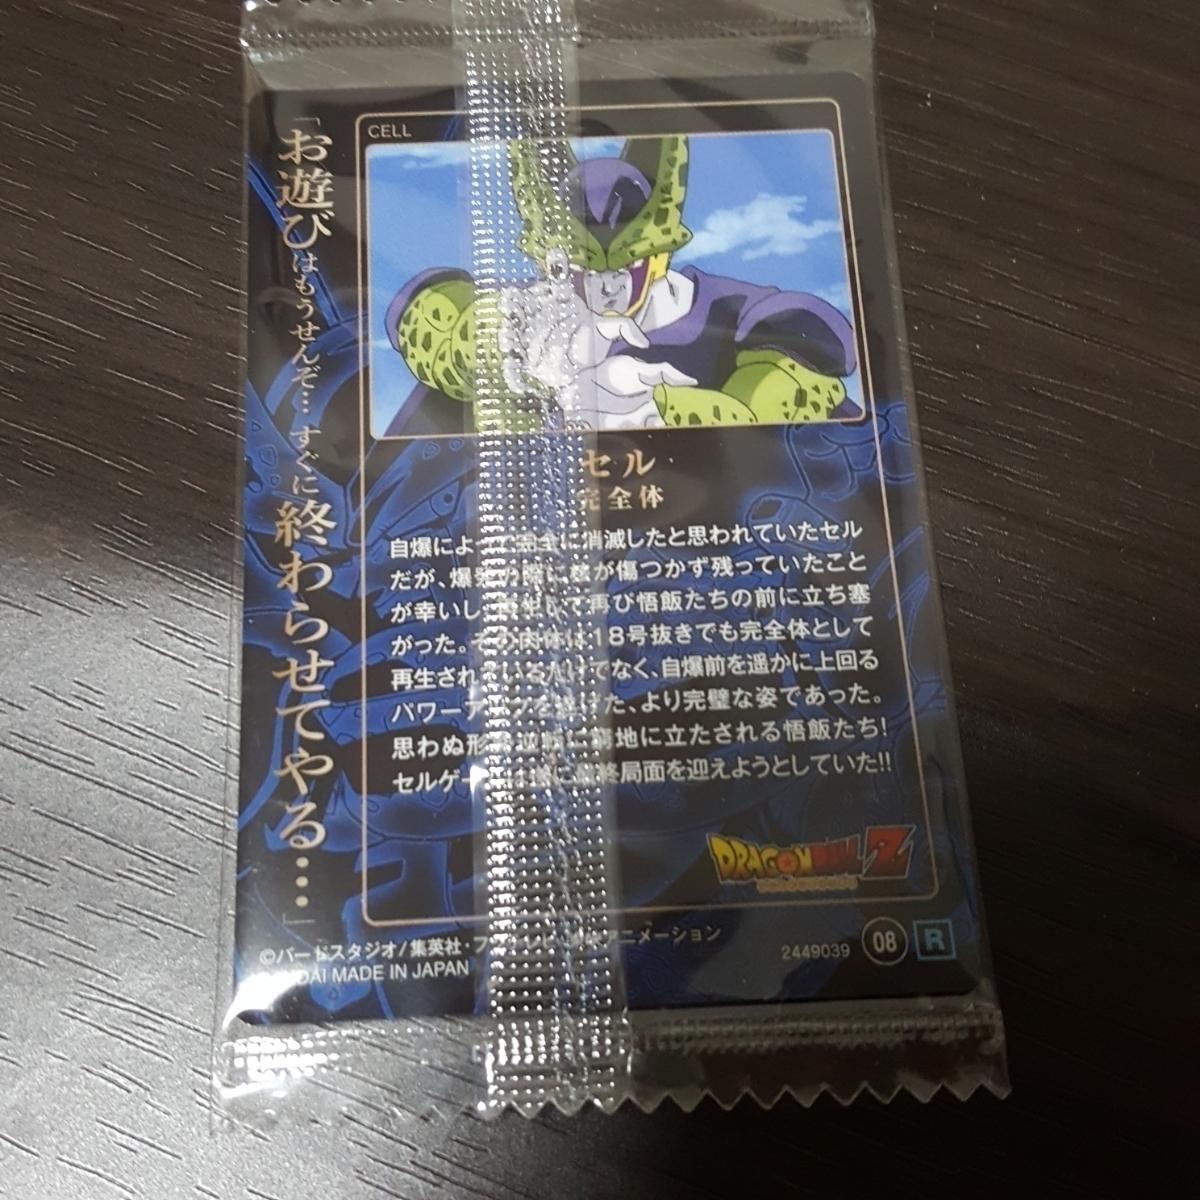 ★【在庫3】 DRAGON BALL ドラゴンボール カードウエハース UNLIMITED2 N08 セル 完全体 【送料62円~】_画像2